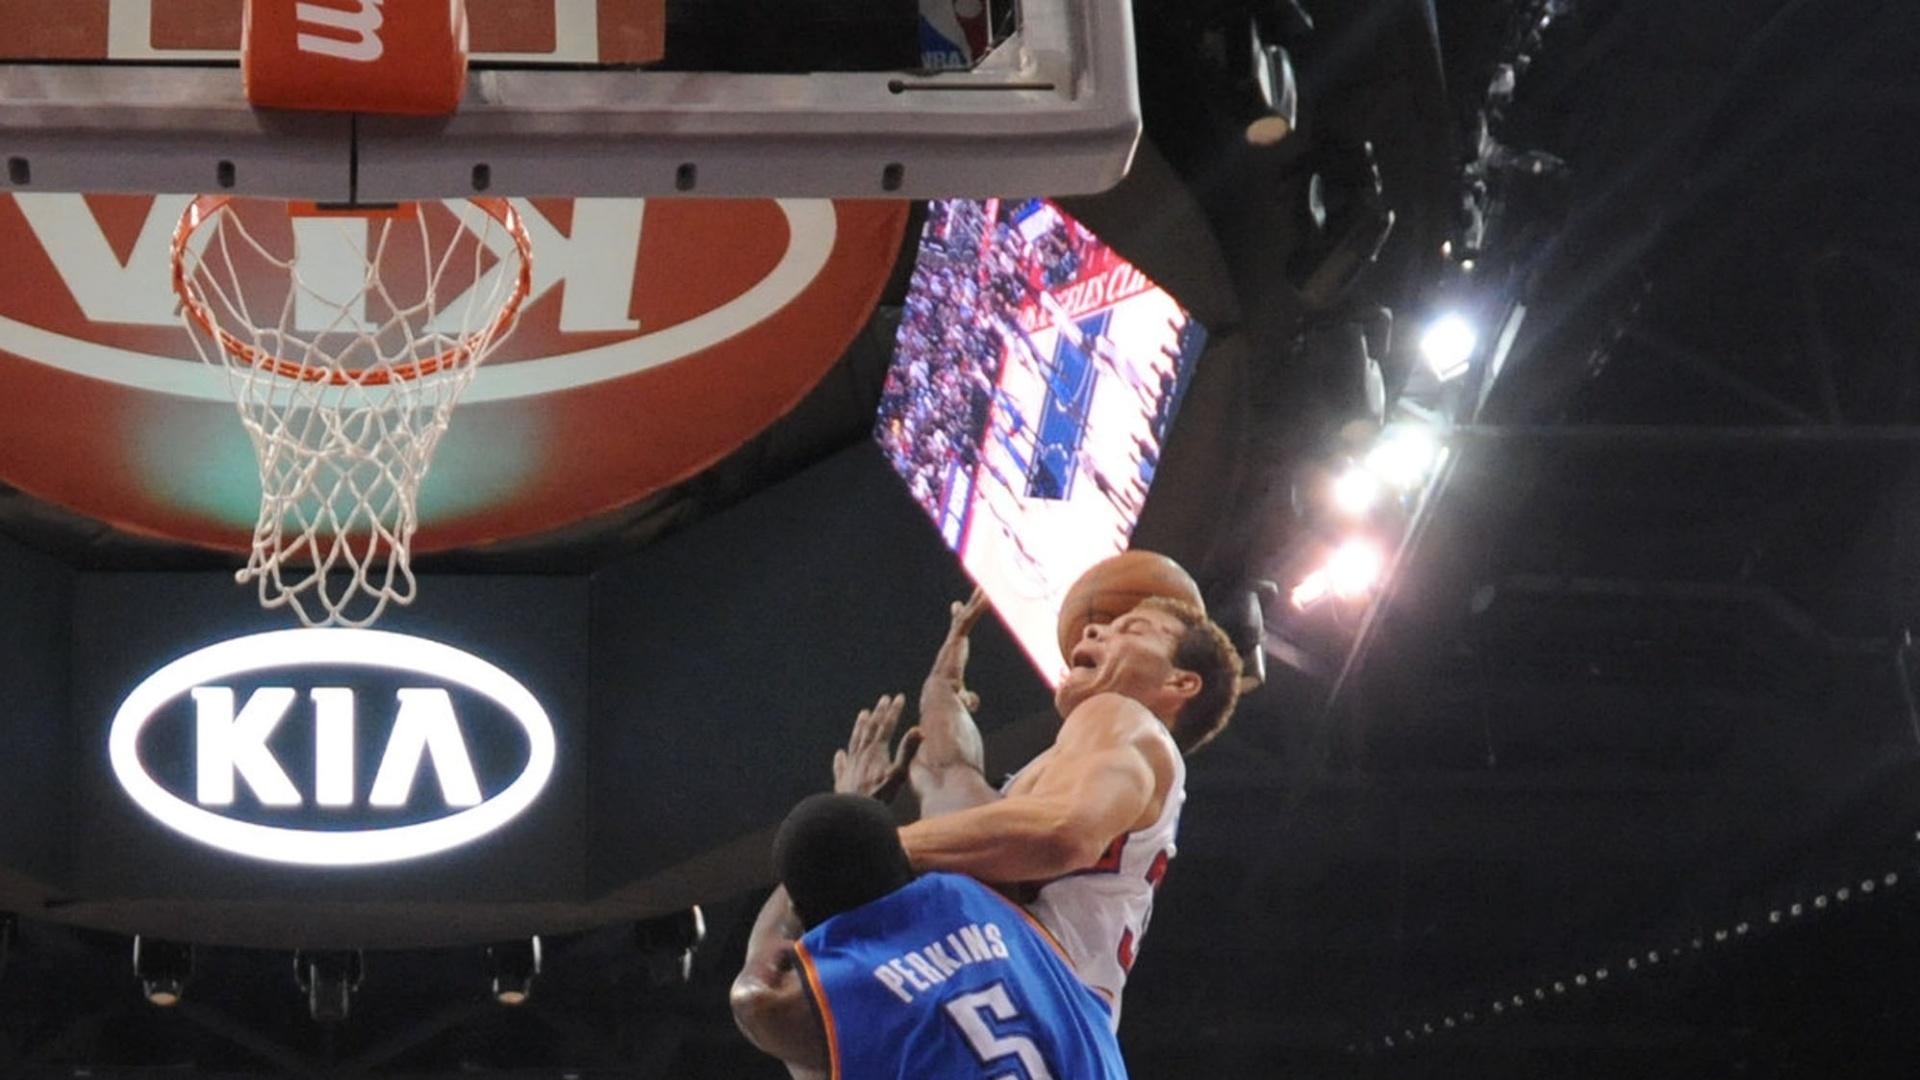 Blake Griffin, Los Angeles Clippers, acertou a cesta com uma mão só após saltar sobre o corpo de Kendrick Perkins, do Oklahoma City Thunder, em partida pela NBA